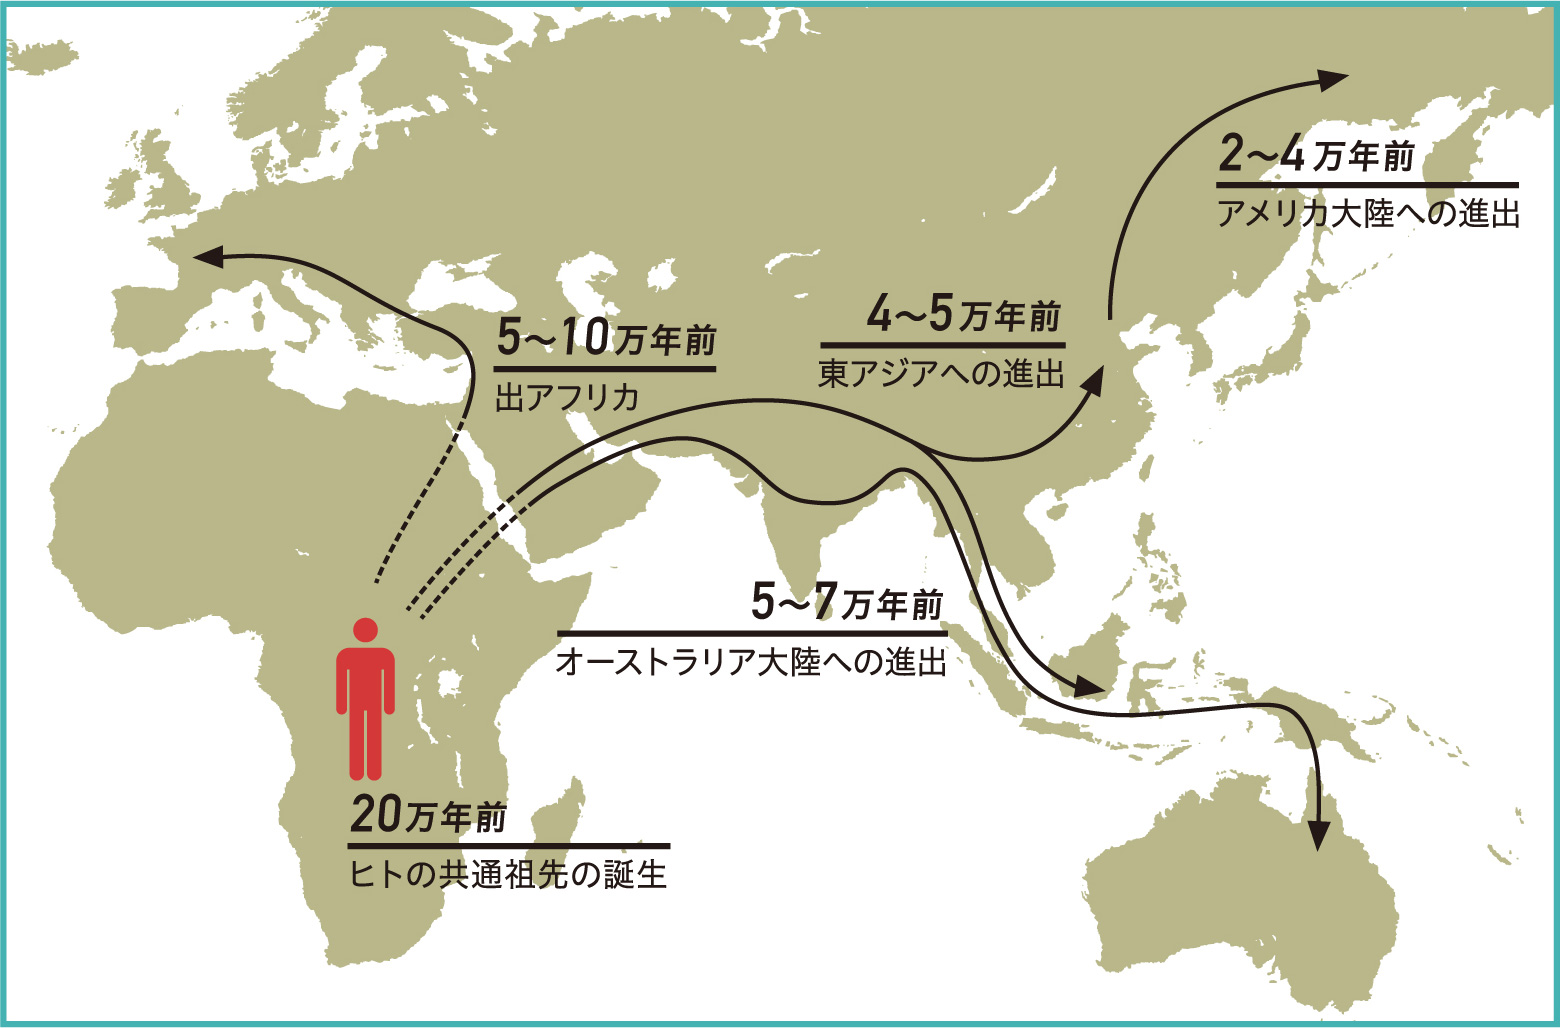 アフリカから世界へ ヒトの拡散